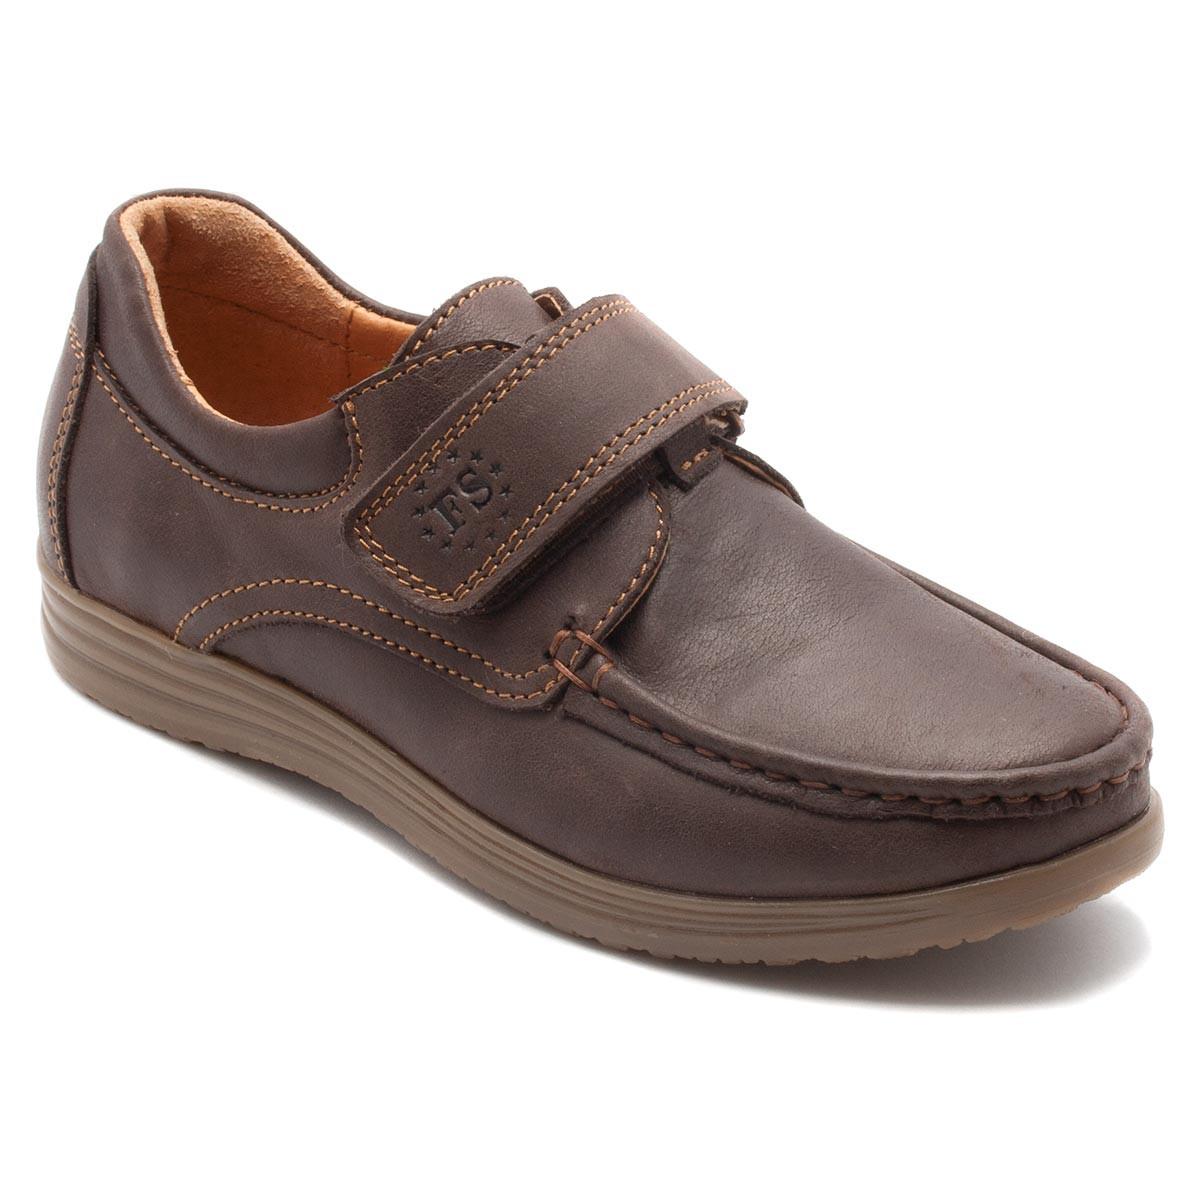 Туфли FS Сollection коричневые для мальчика, размер 31-39